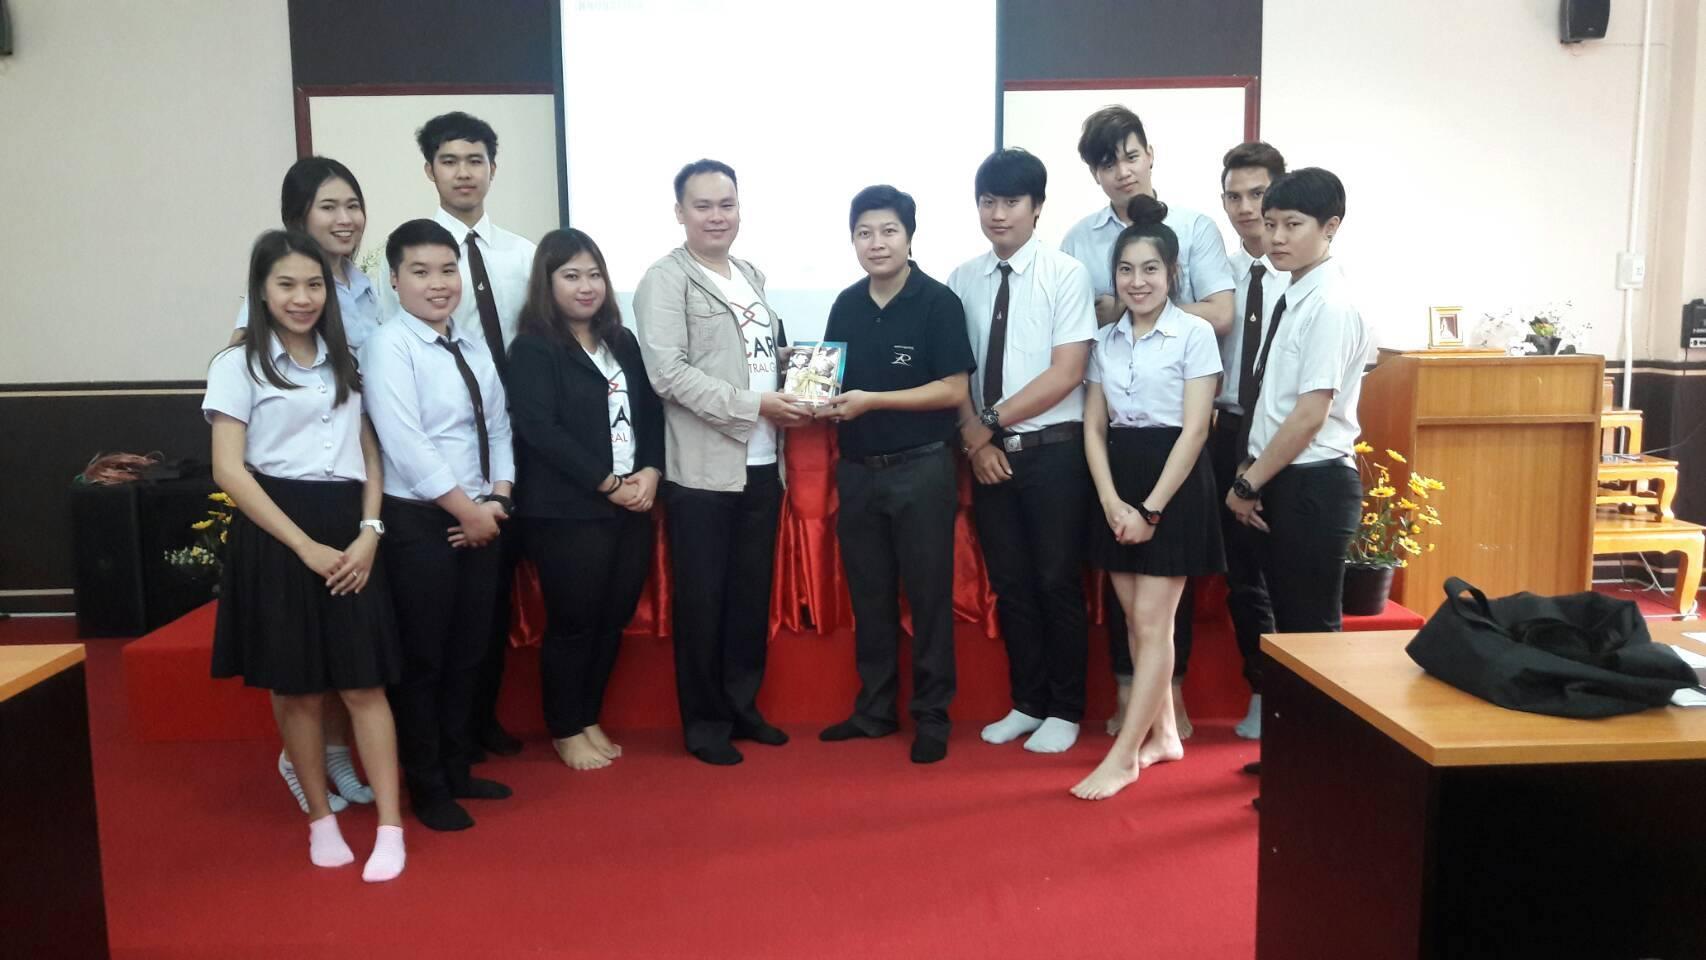 บริษัท กลุ่มเซ็นทรัล จำกัด ผู้สนับสนุนทุนการศึกษาแก่นักศึกษาหลักสูตรการตลาด